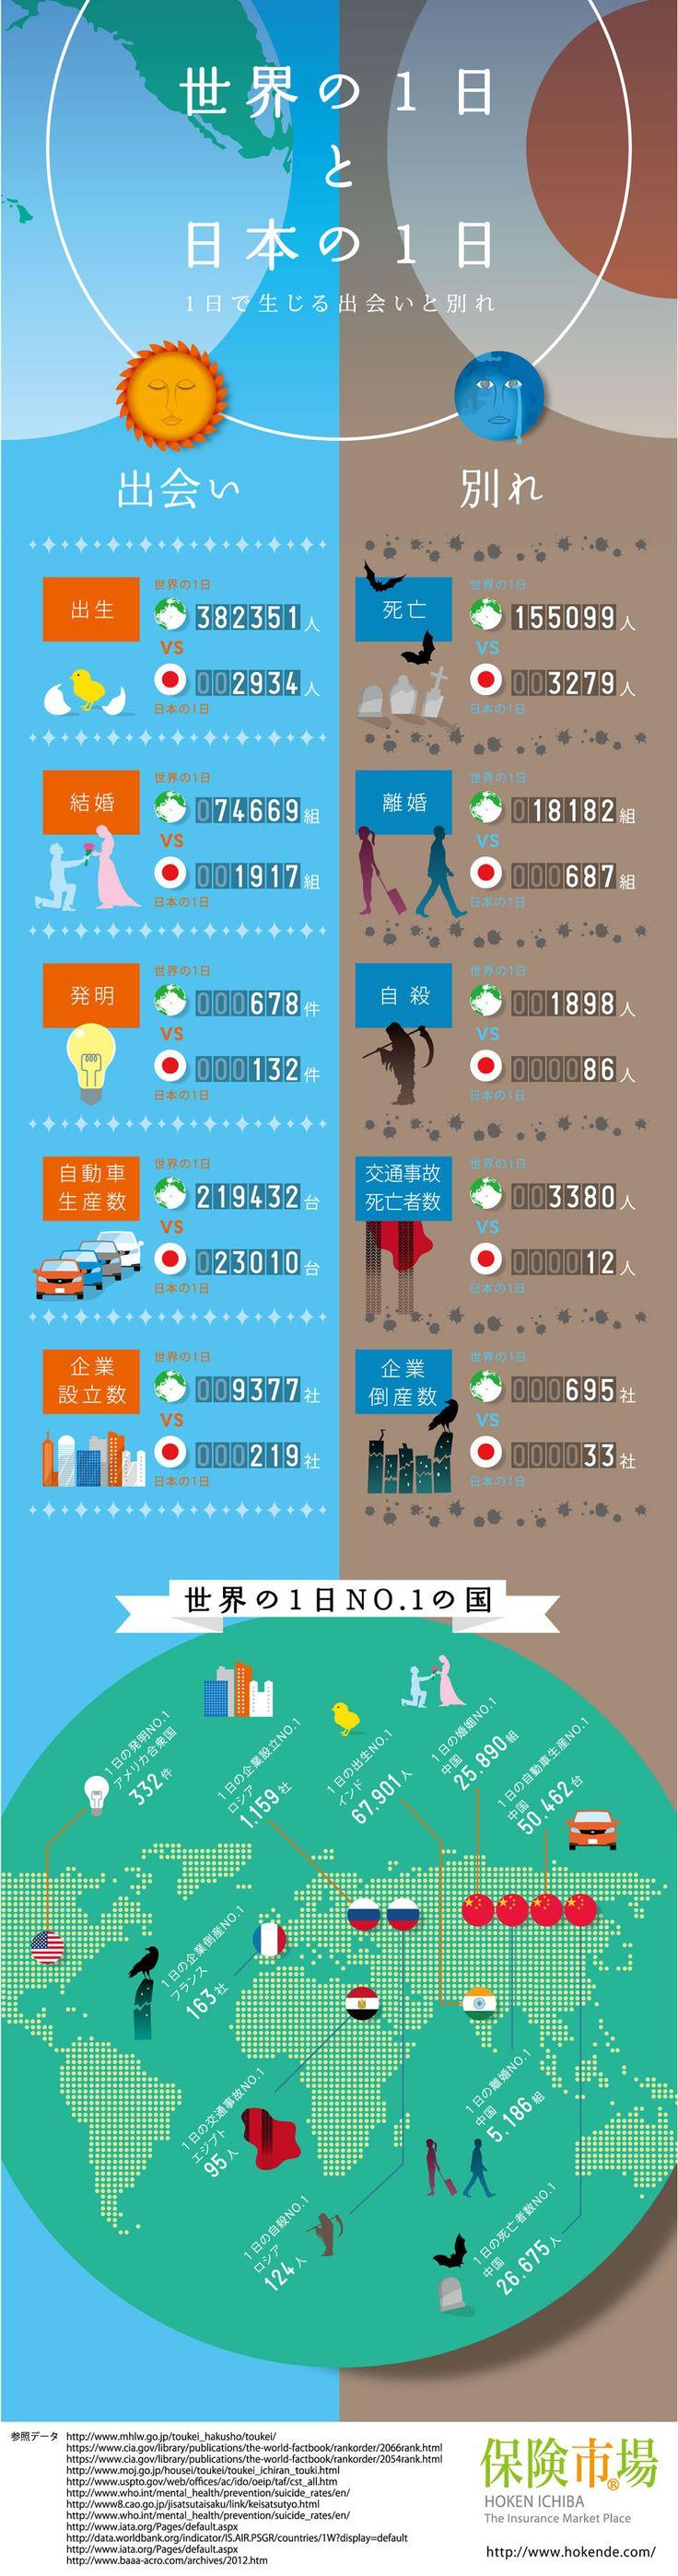 infogra.me(インフォグラミー)| 世界と日本の1日で生じる出会いと別れ『インフォグラフィック』